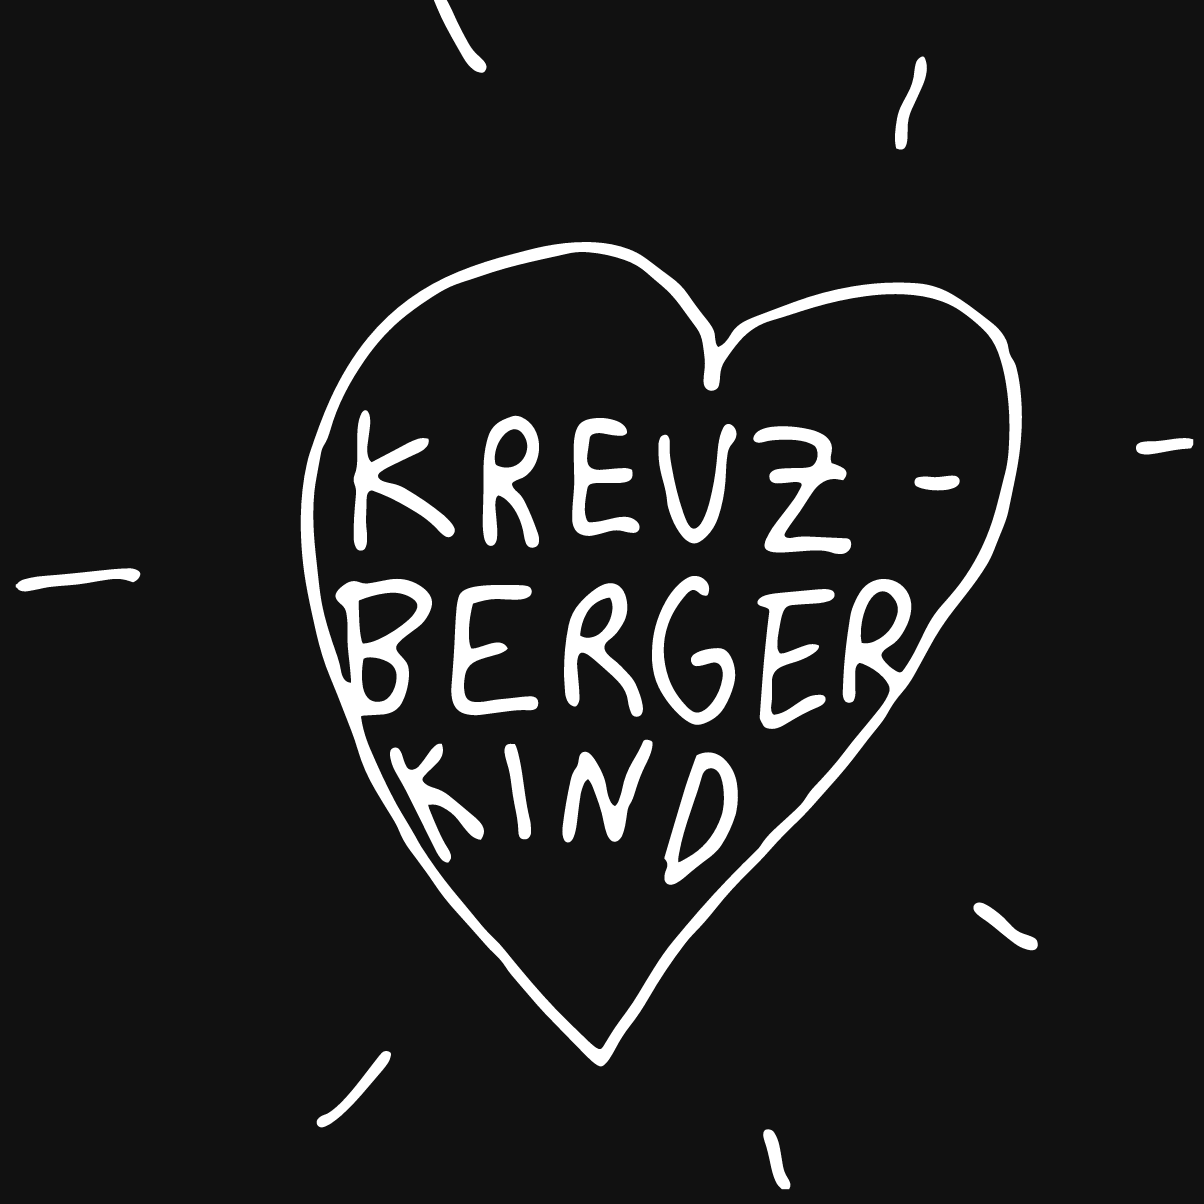 Kreuzberger Kind Logo